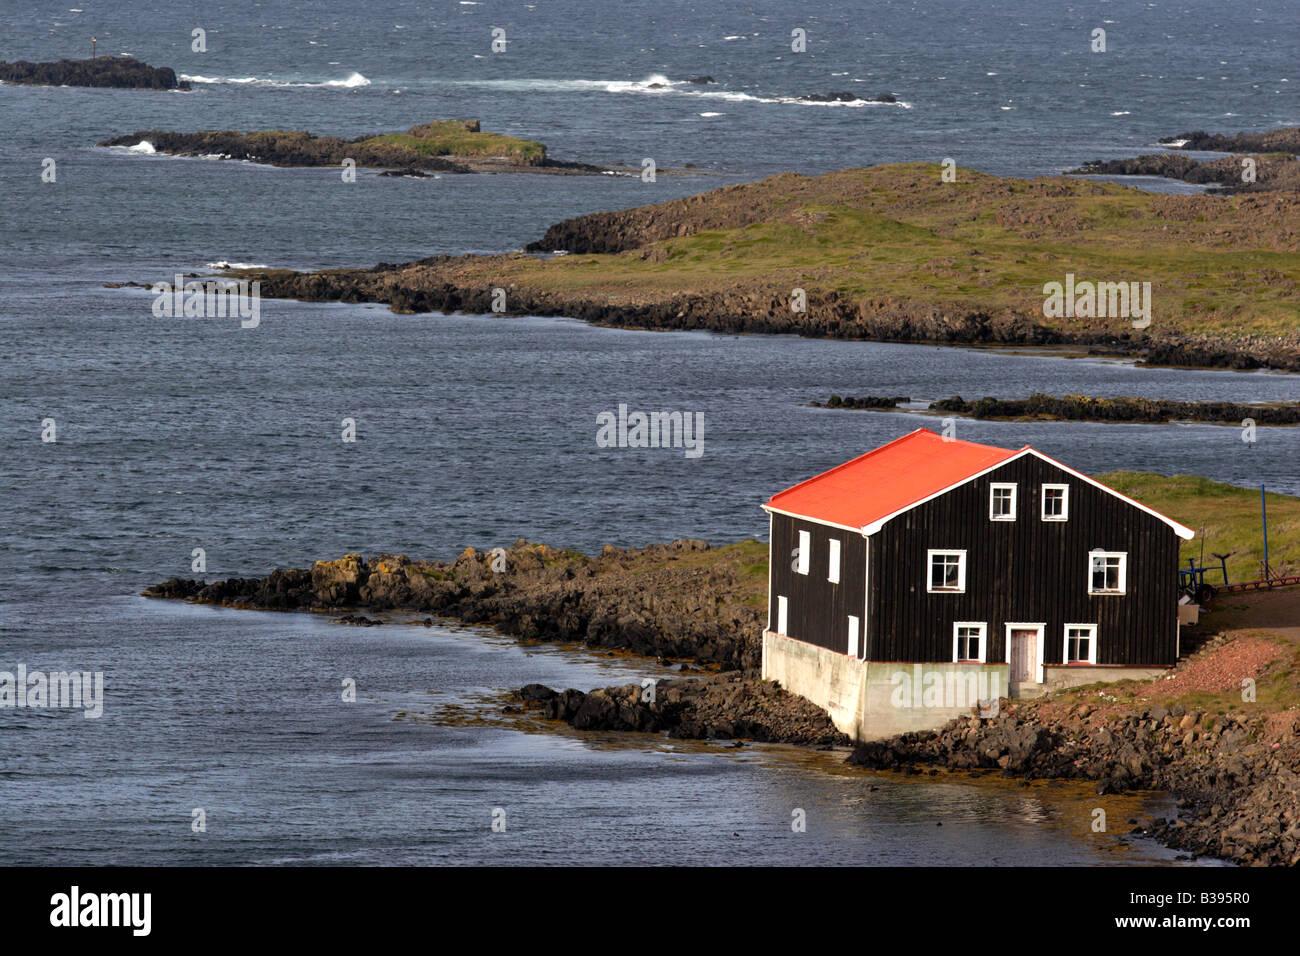 An old building in Djupivogur, east Iceland. - Stock Image